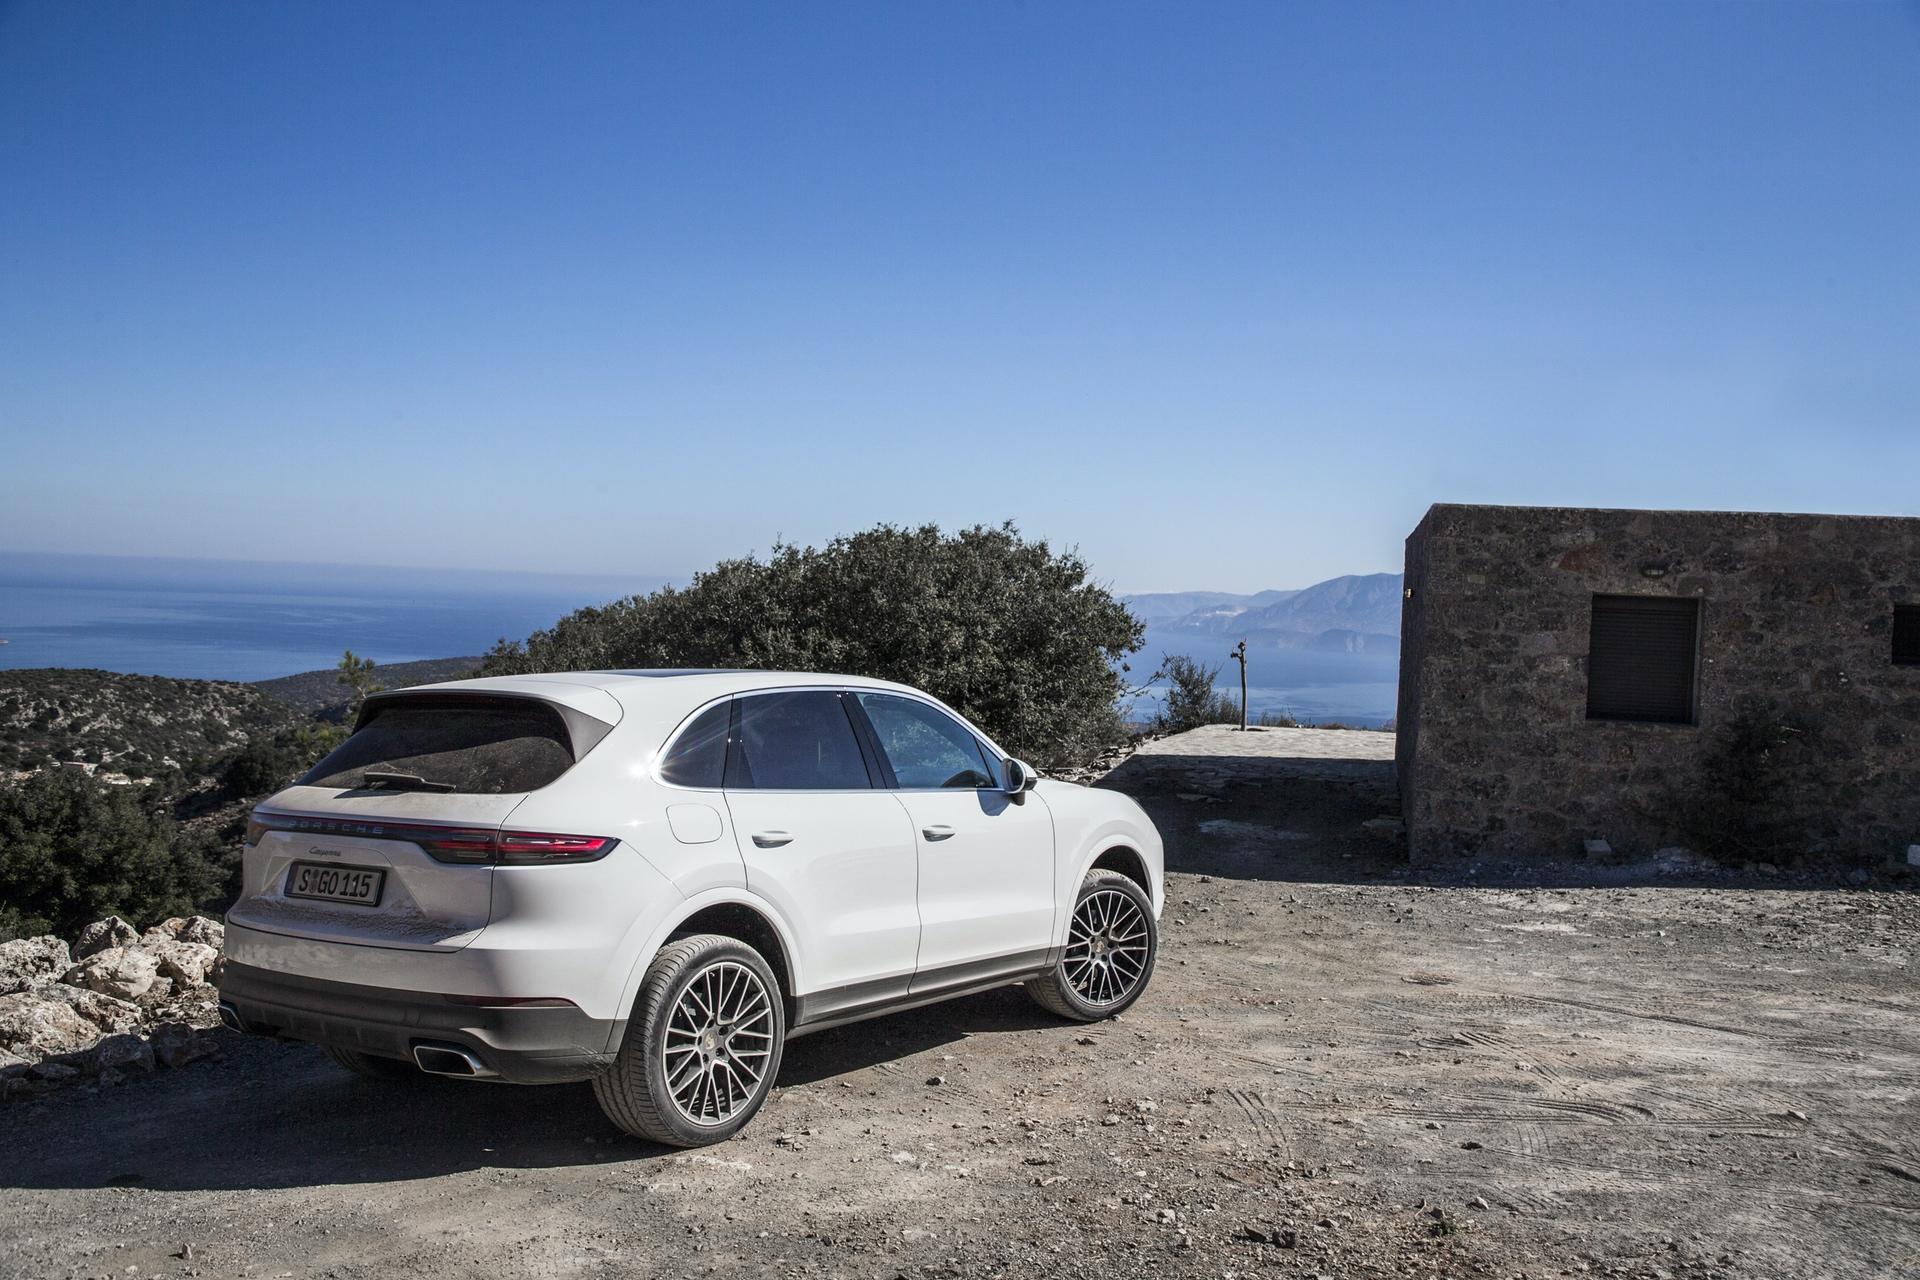 Test_Drive_Porsche_Cayenne_274